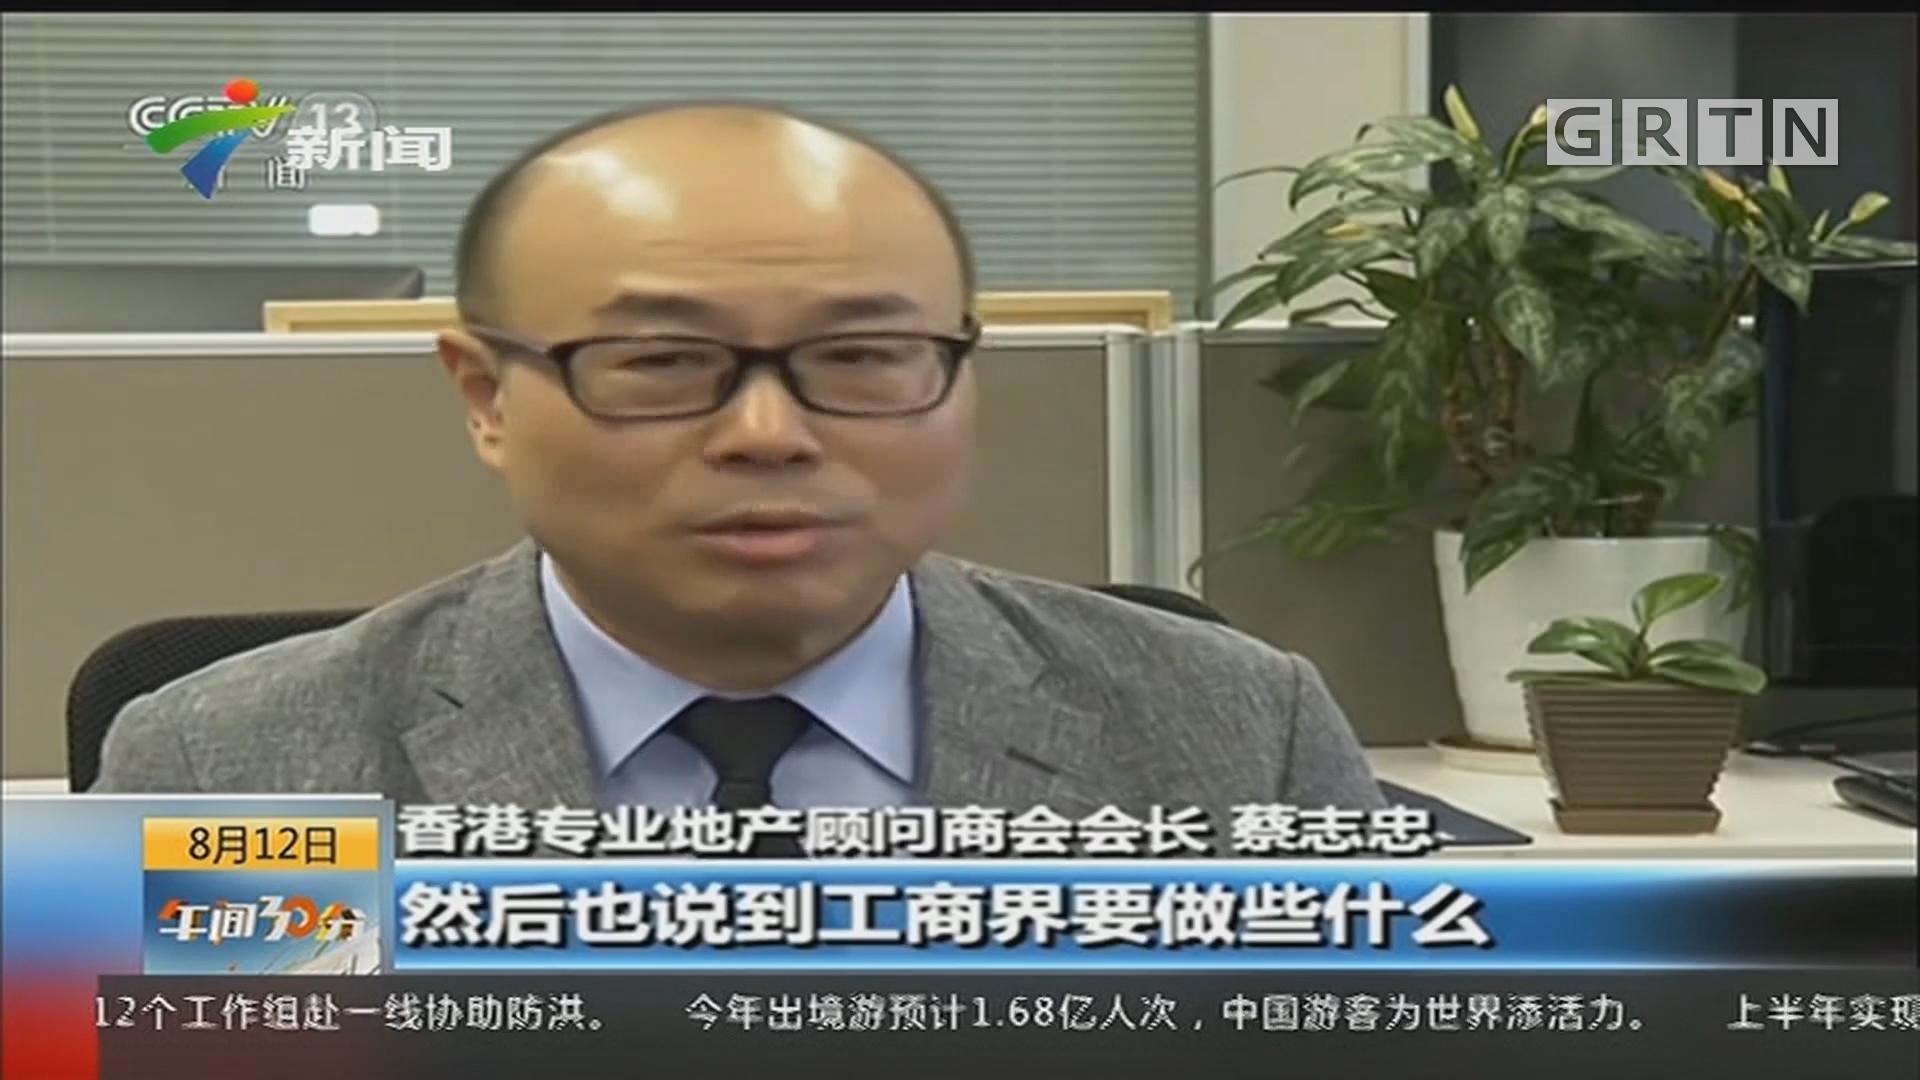 香港工商界人士呼吁:贯彻中央精神 尽快止暴制乱